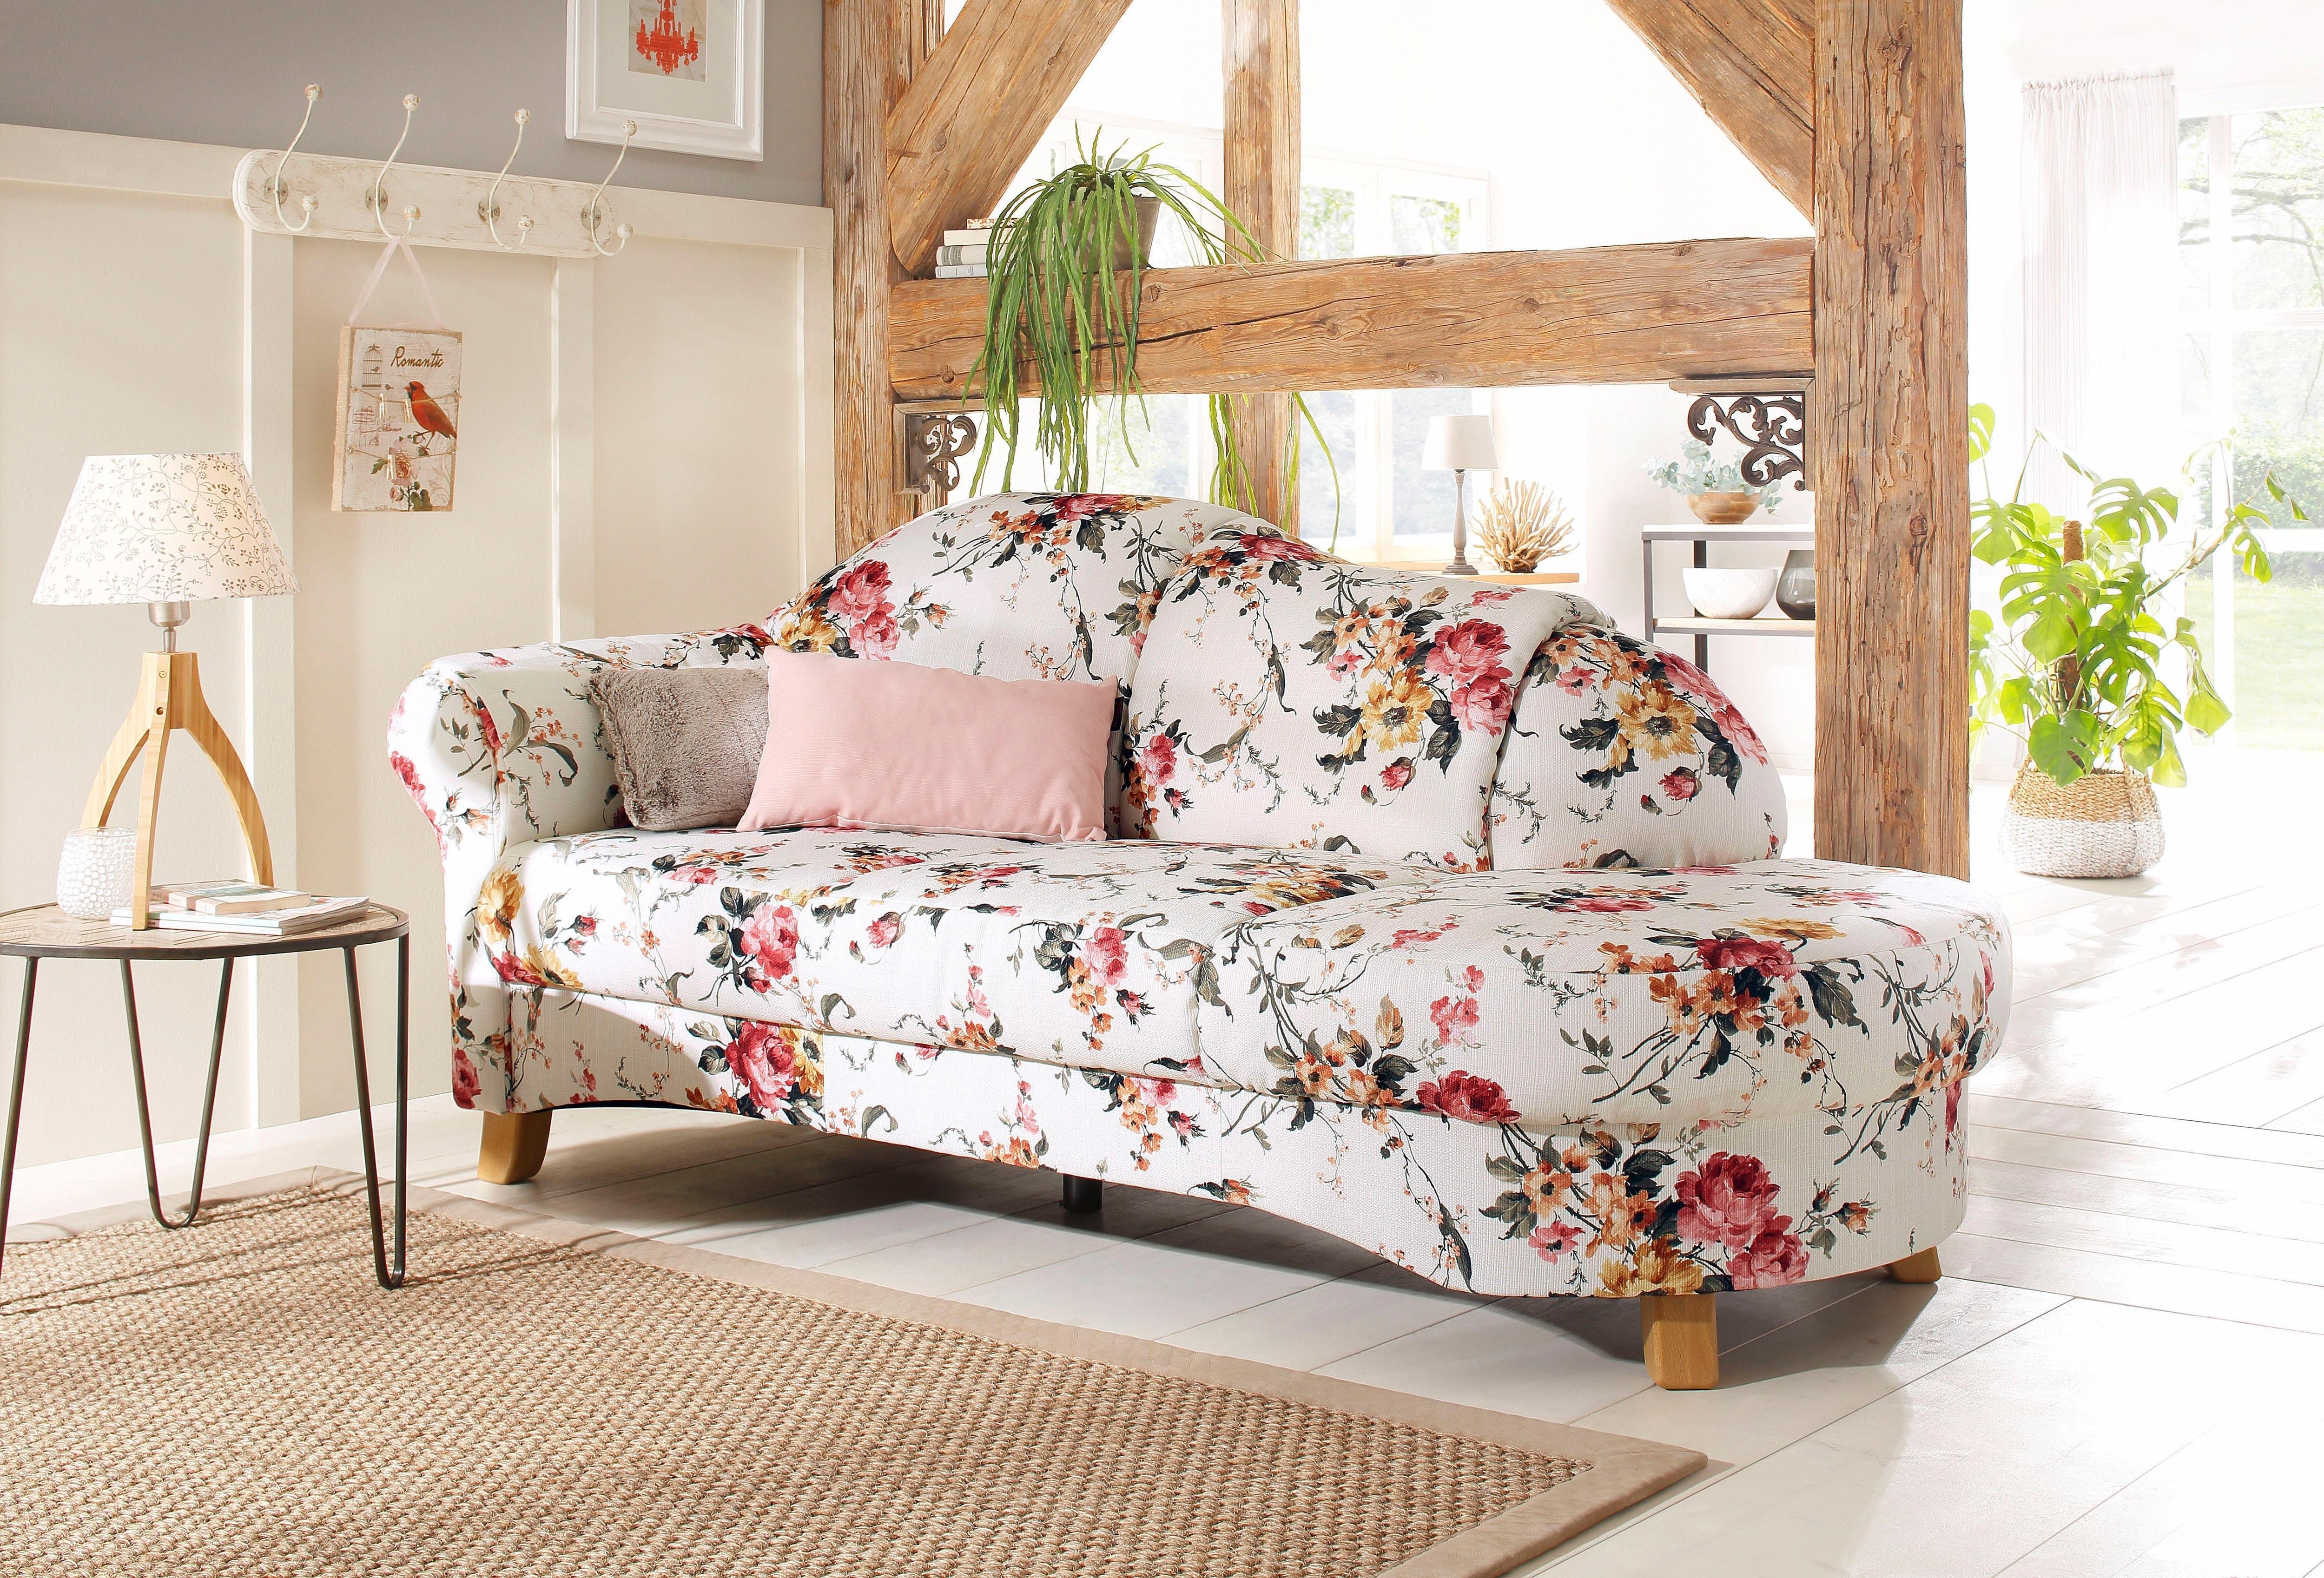 home affaire recamier mayfair met bloemmotief vrijstaand naar keuze armleuning links of. Black Bedroom Furniture Sets. Home Design Ideas